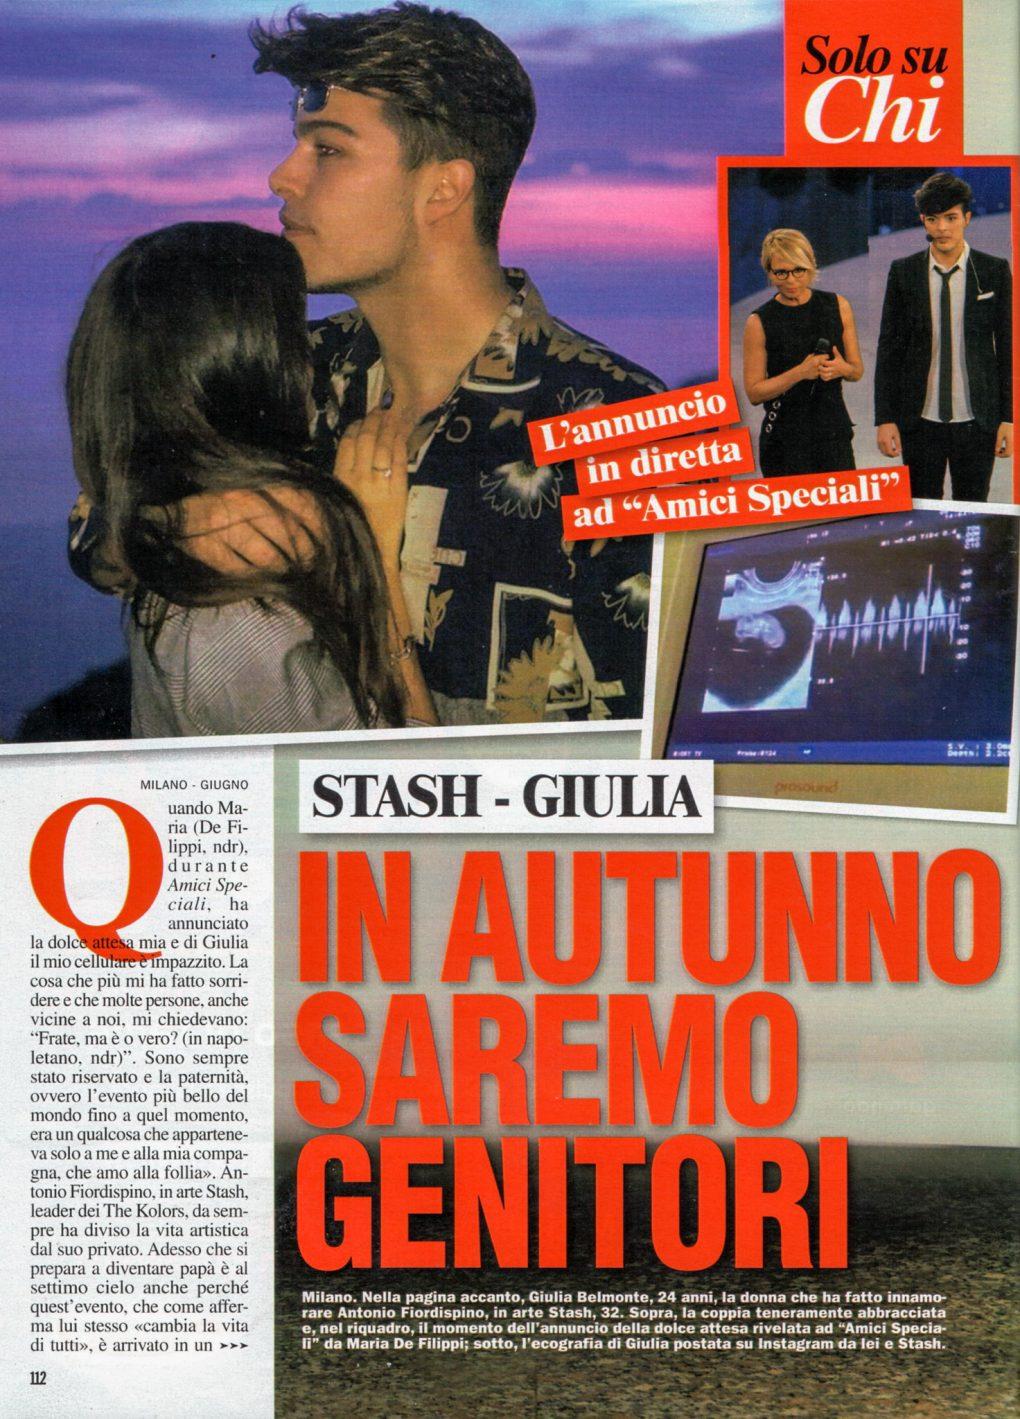 Chi Stash e Giulia Belmonte